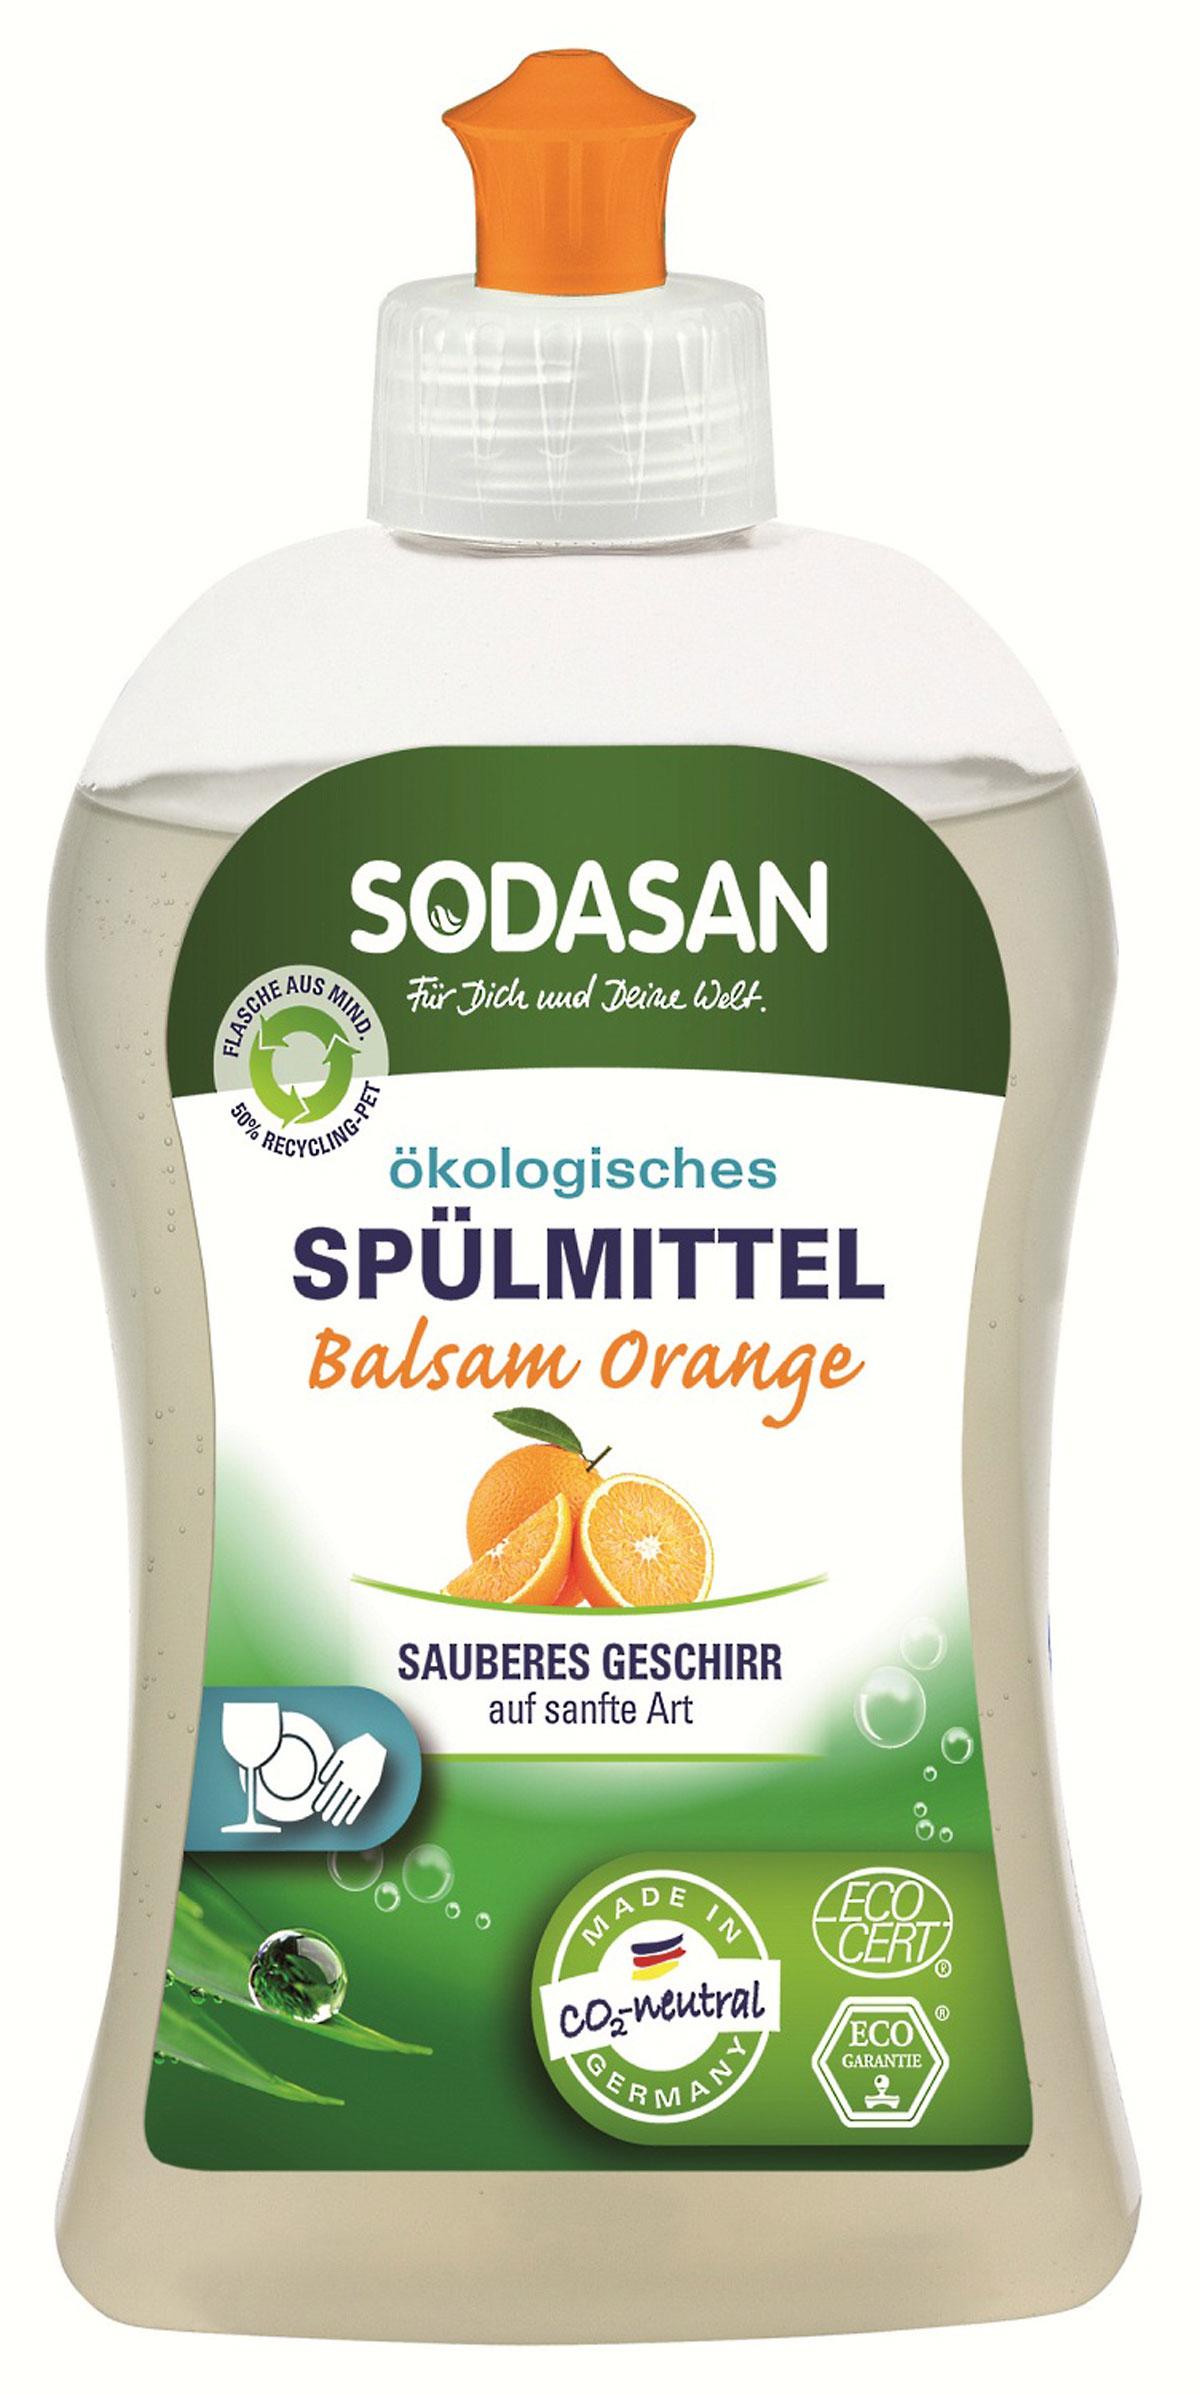 Жидкое средство Sodasan для мытья посуды, с запахом апельсина, 500 мл жидкое мыло sodasan пряный апельсин 250 мл